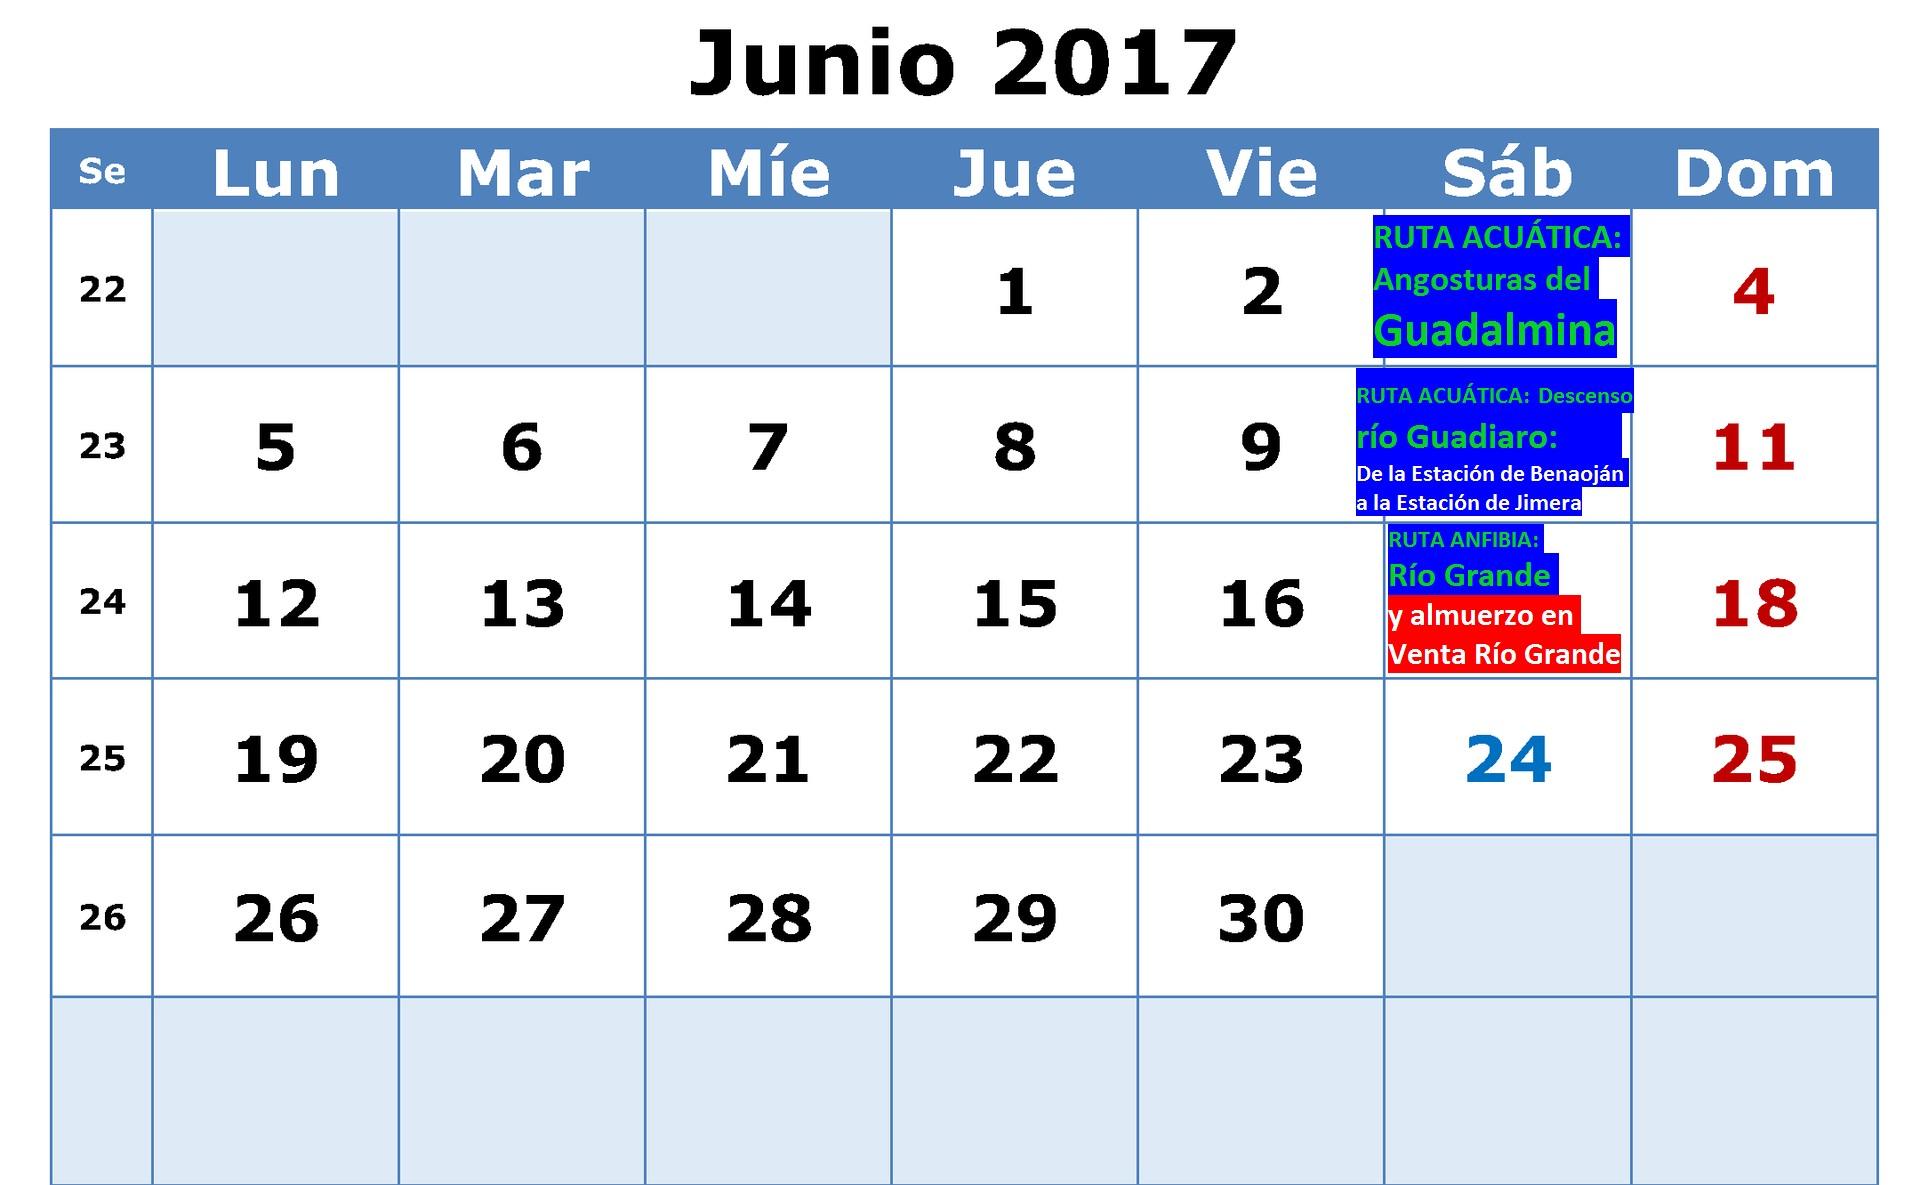 Calendario junio club de senderismo ando preston png 1920x1185 Calendario junio de 2017